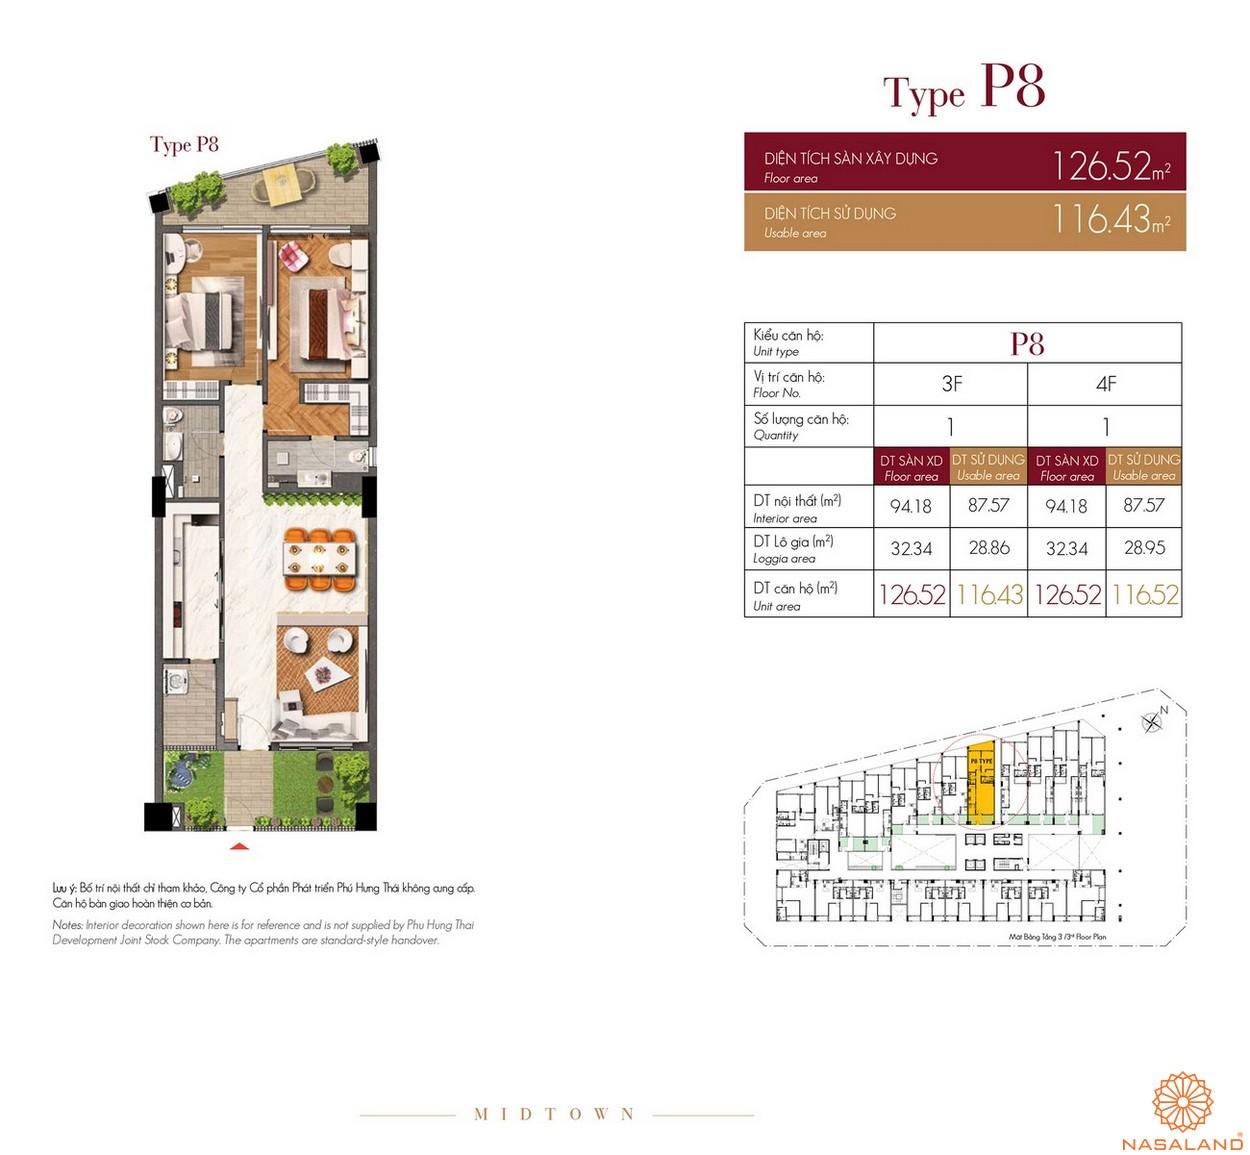 Thiết kế căn hộ Type P8 dự án The Grande Midtown quận 7